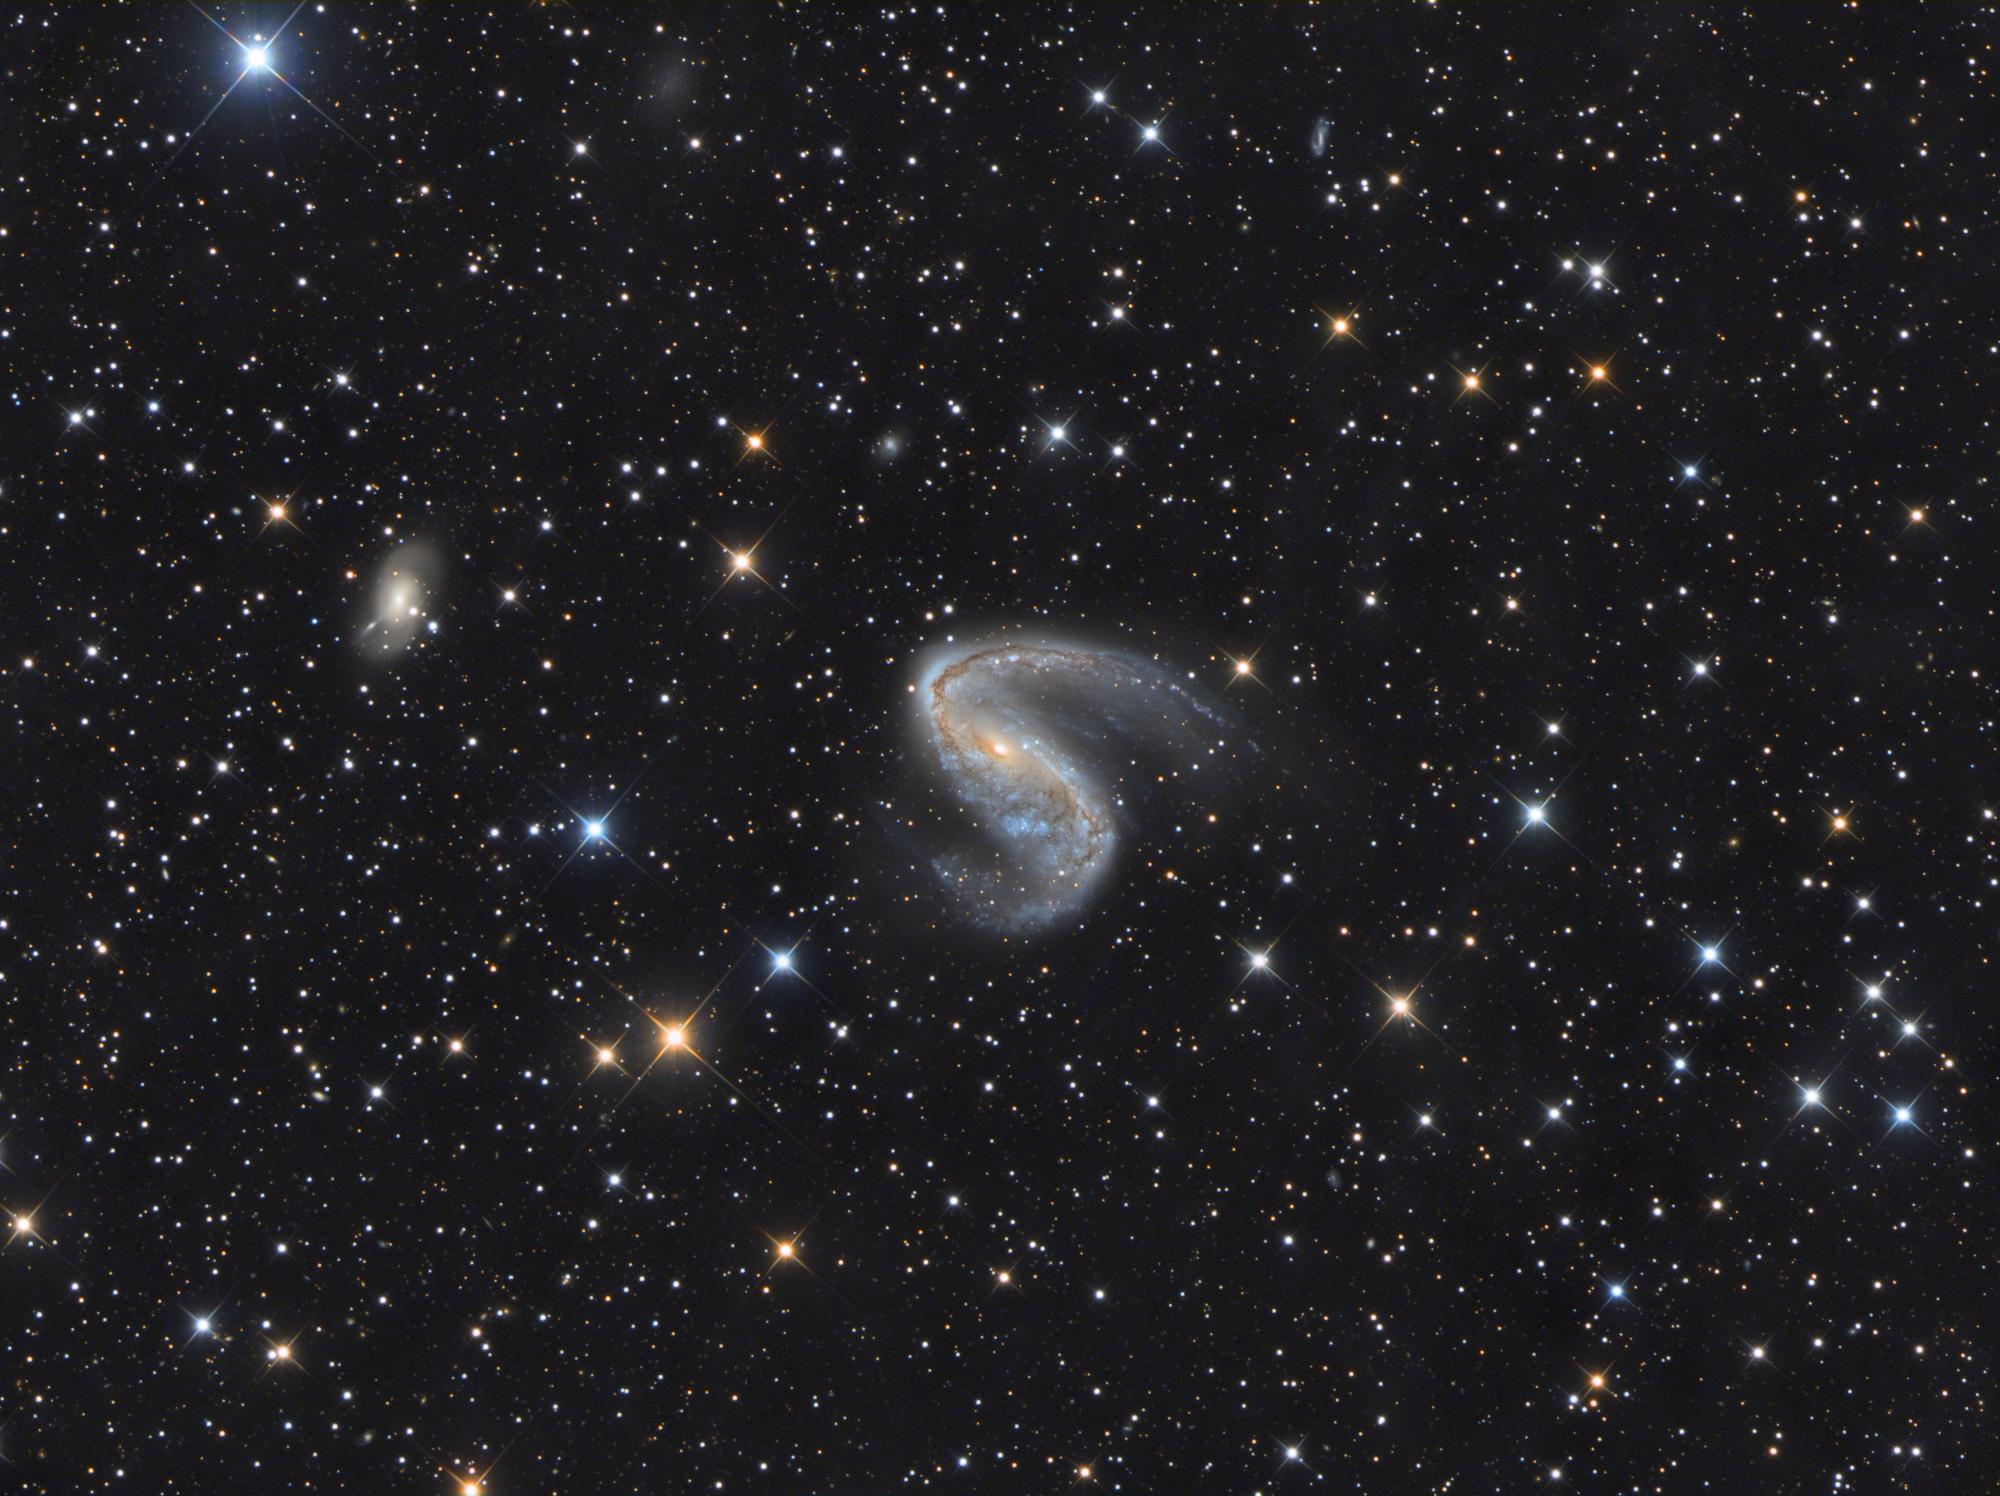 NGC2442-LRVB-V3-Publi.thumb.jpg.ba741f5363f23f8ec00a0f7be96b39f7.jpg